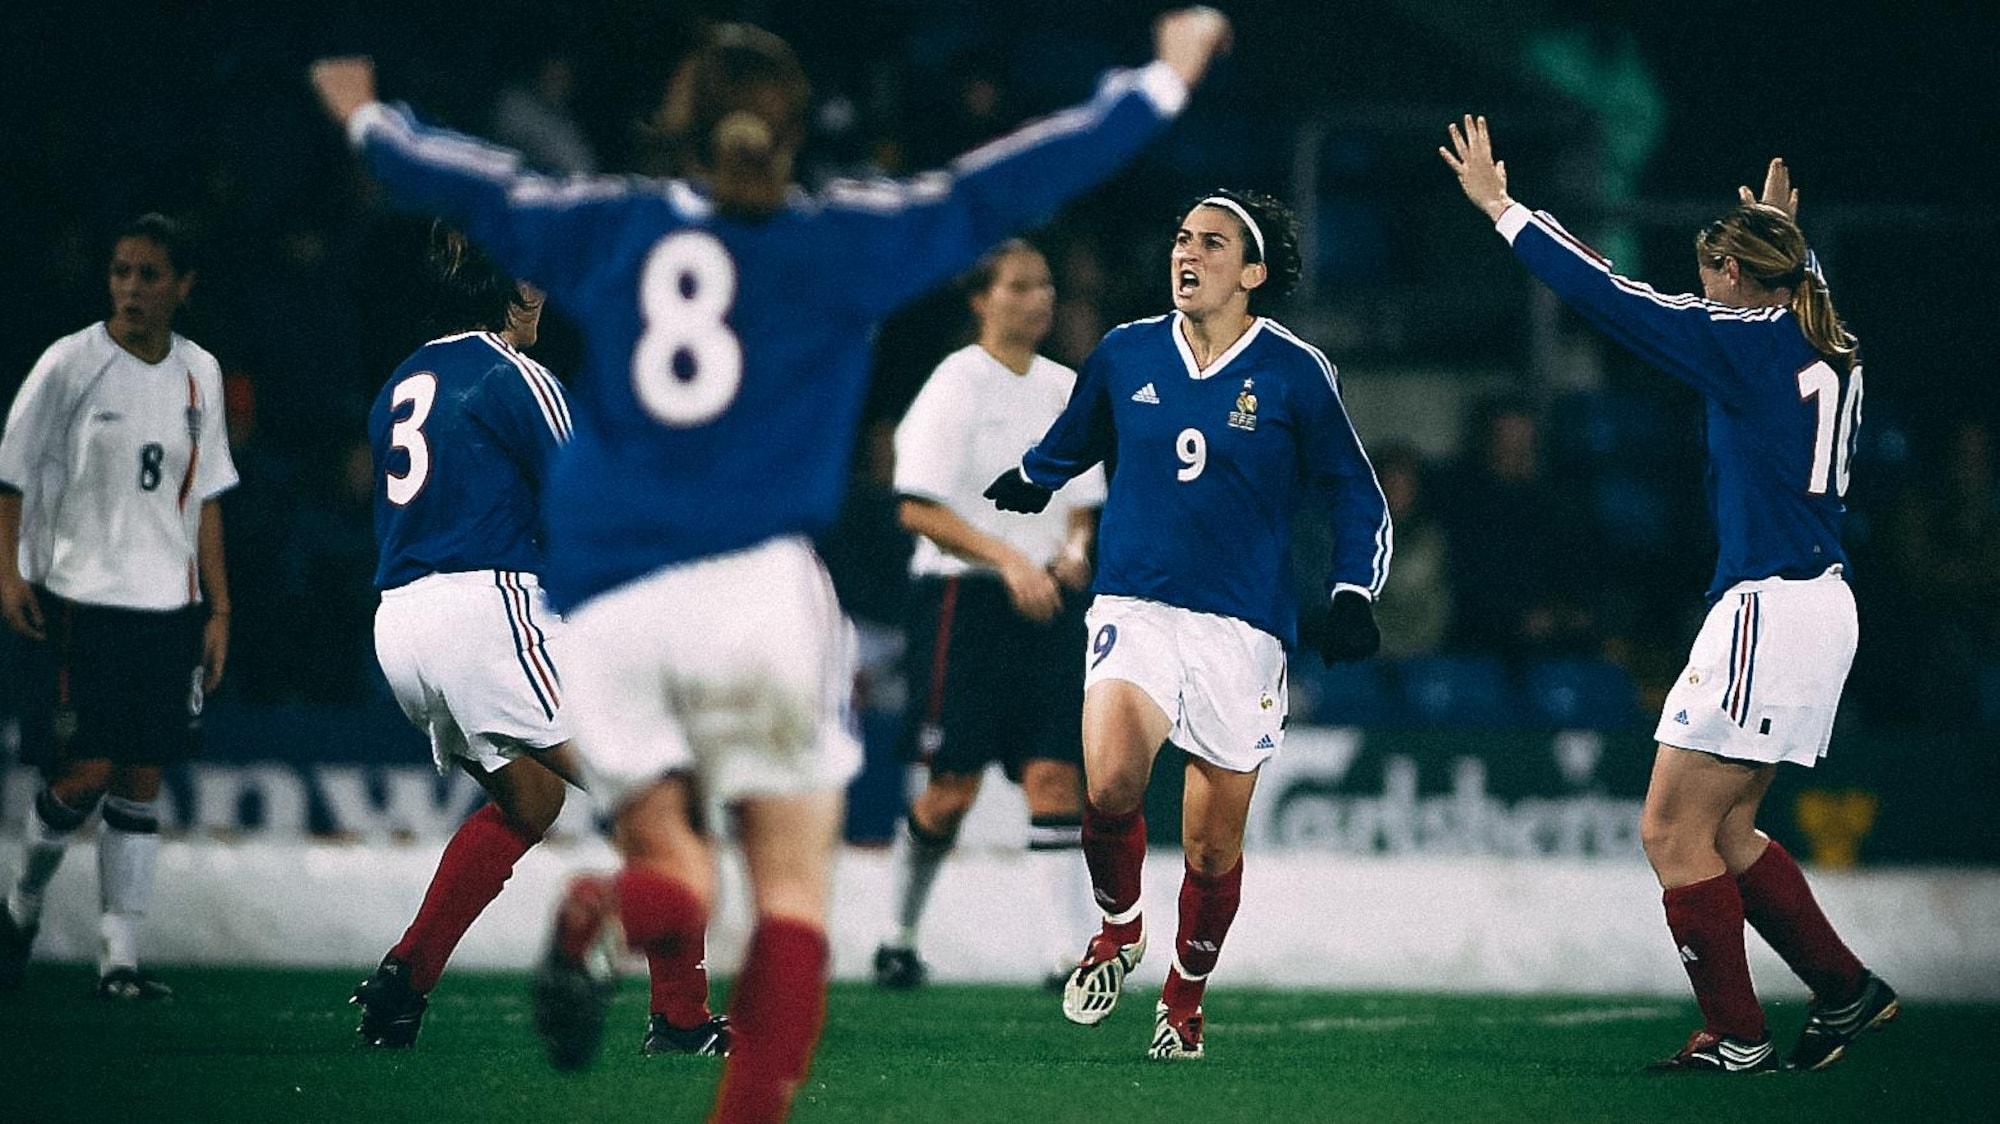 Marinette Pichon vient de marquer un but contre l'Angleterre, en 2002.